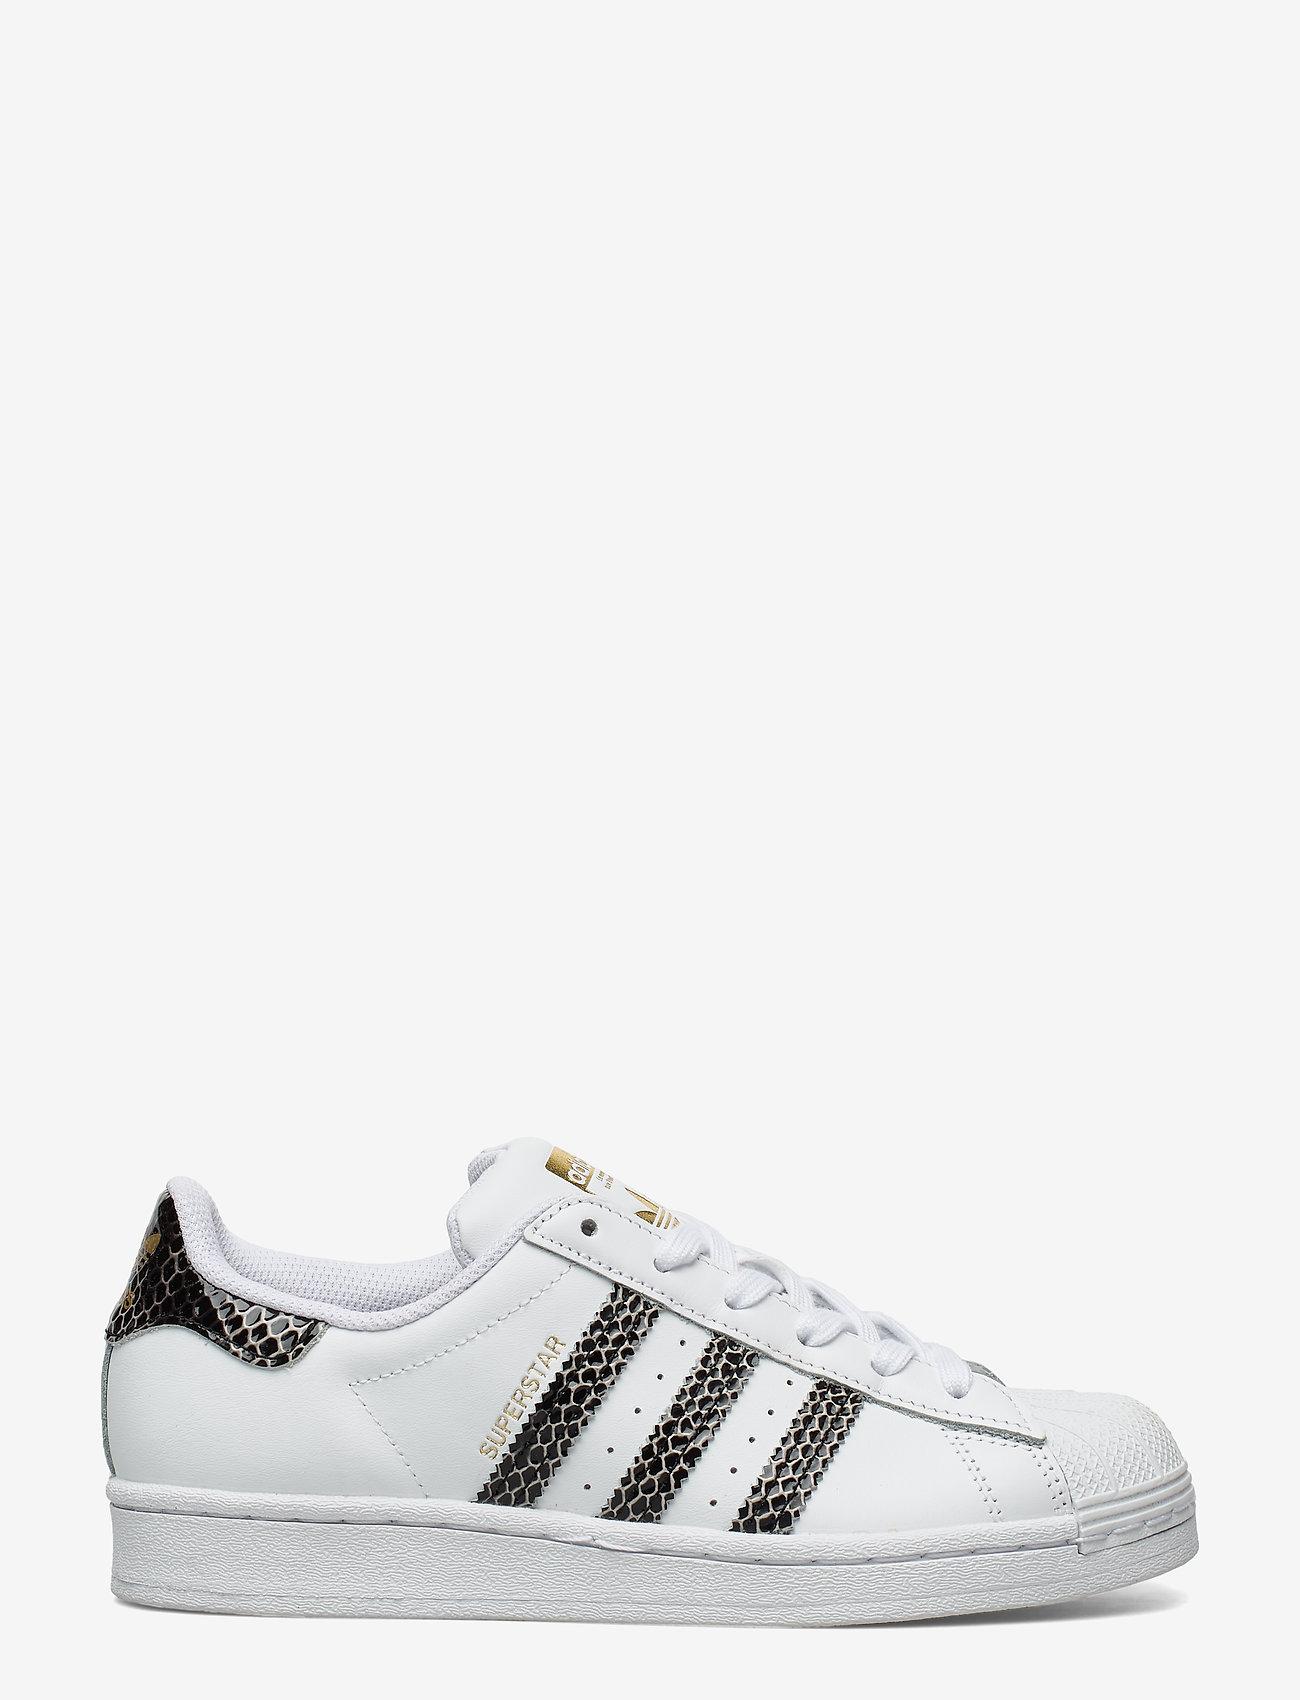 Superstar W (Ftwwht/cblack/goldmt) - adidas Originals mWmjDK